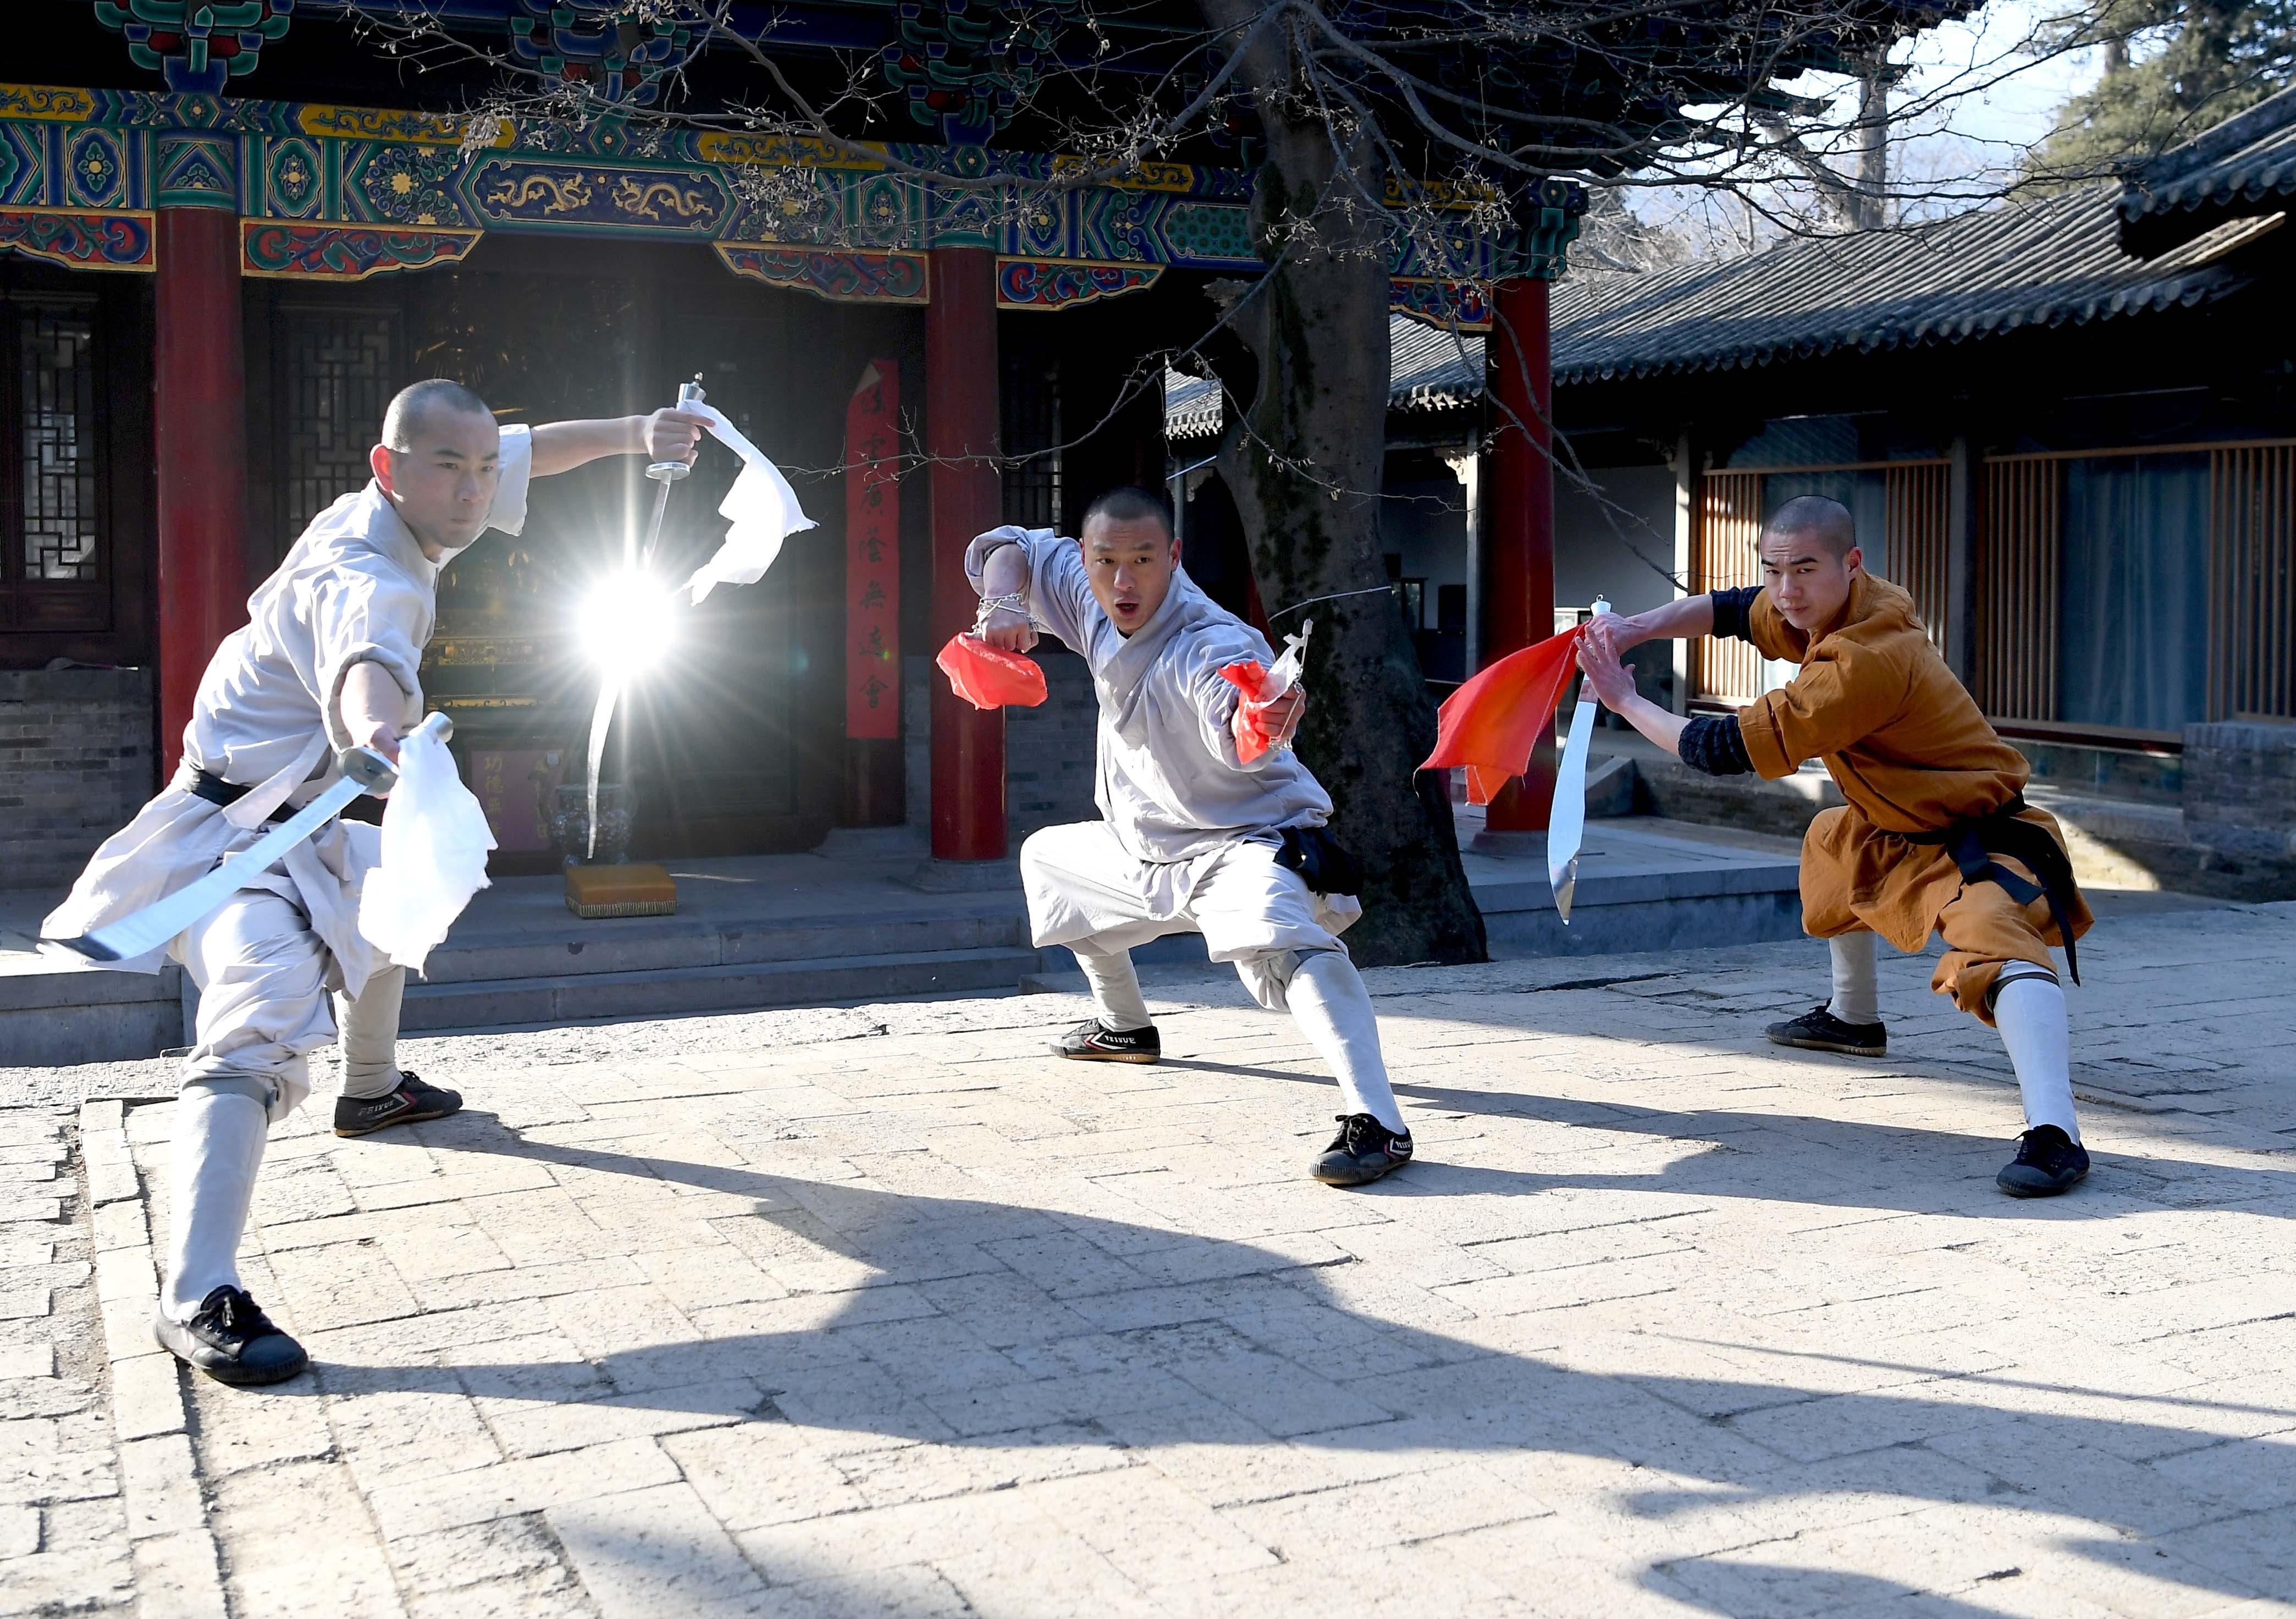 1月21日,少林武僧在少林寺碑廊习练兵器.图片